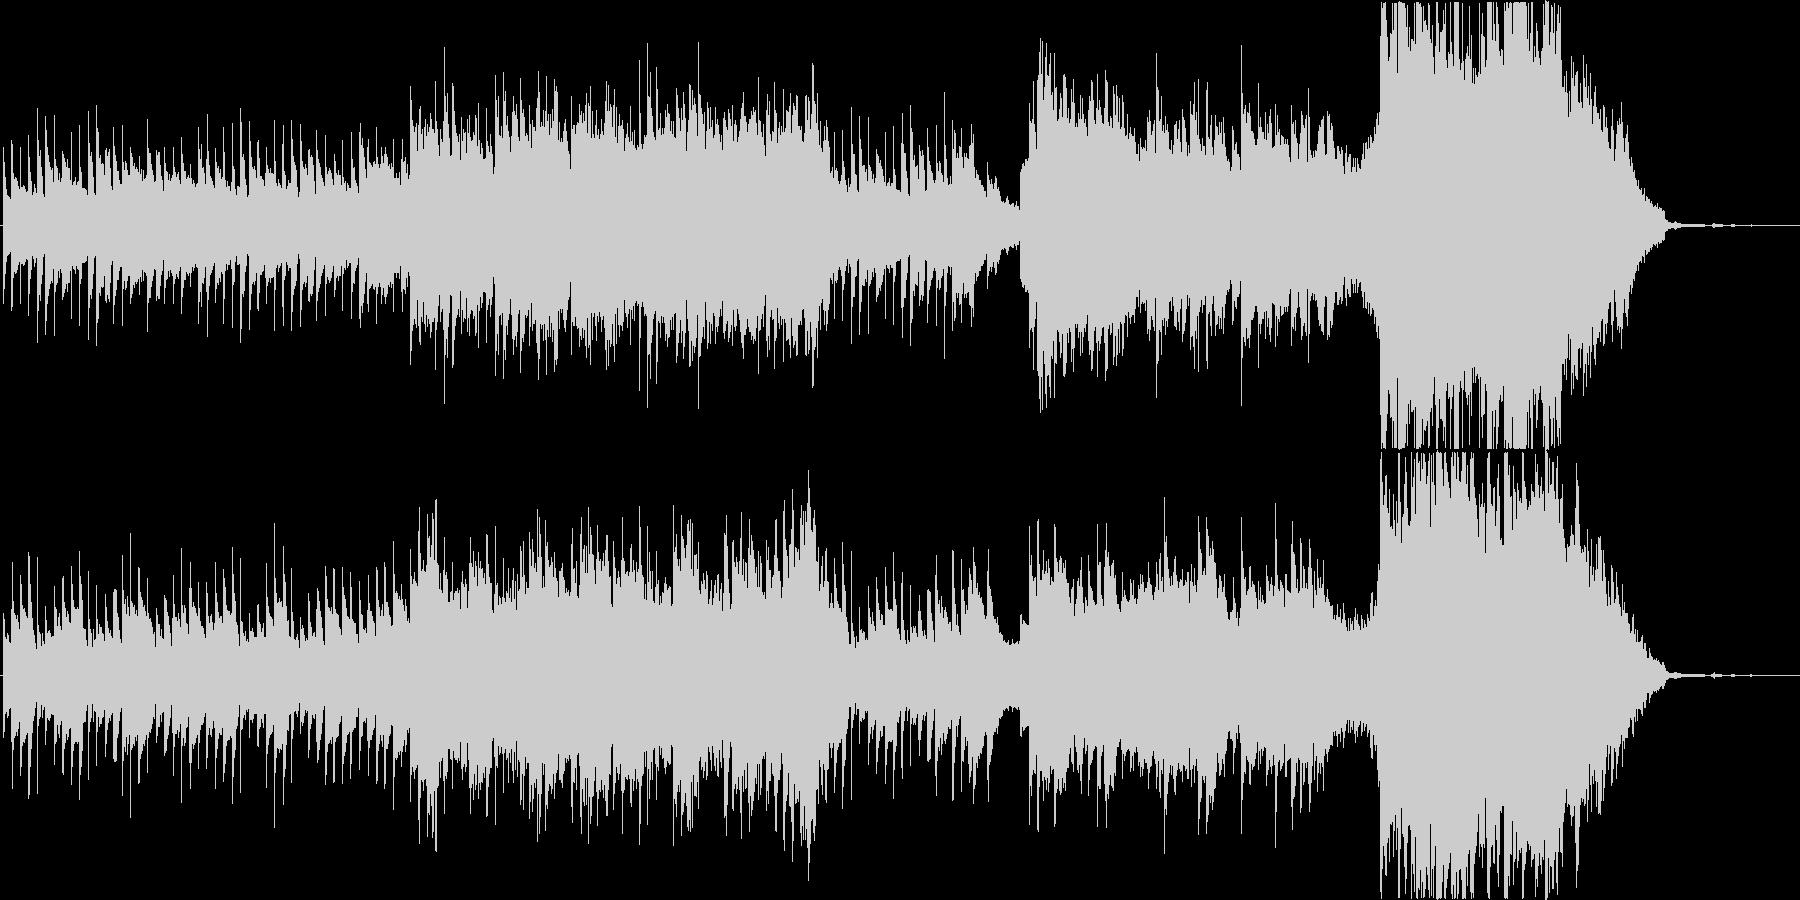 プラネタリウムをイメージしたオーケストラの未再生の波形